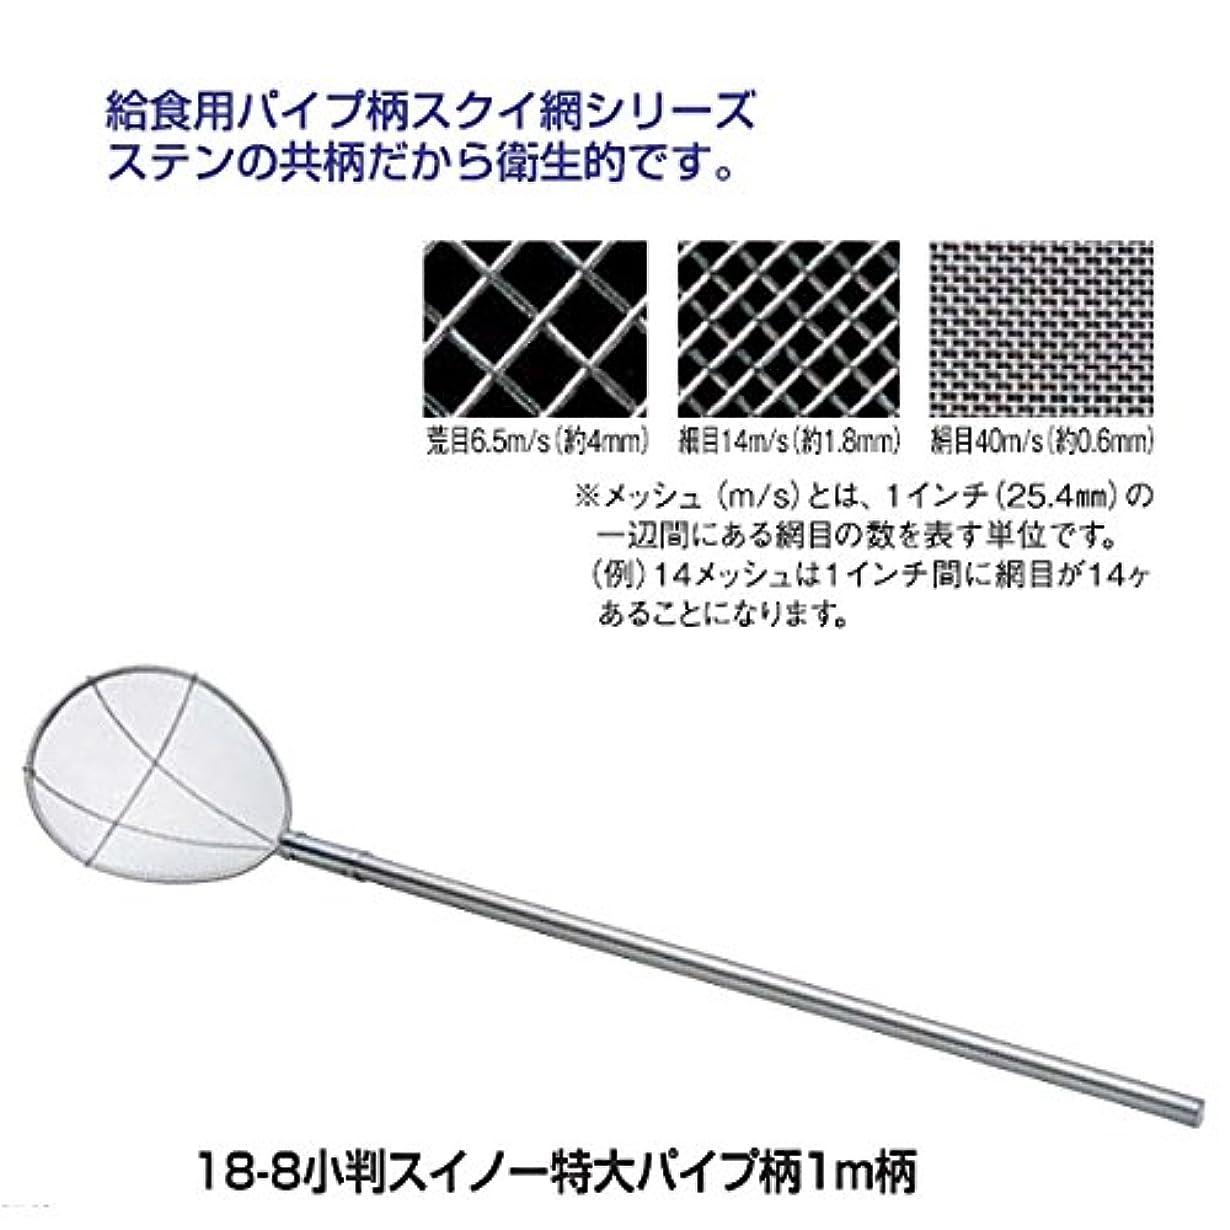 圧縮されたマントルこの給食用 18-8小判スイノー 特大パイプ柄1m柄 荒目 日本製 業務用